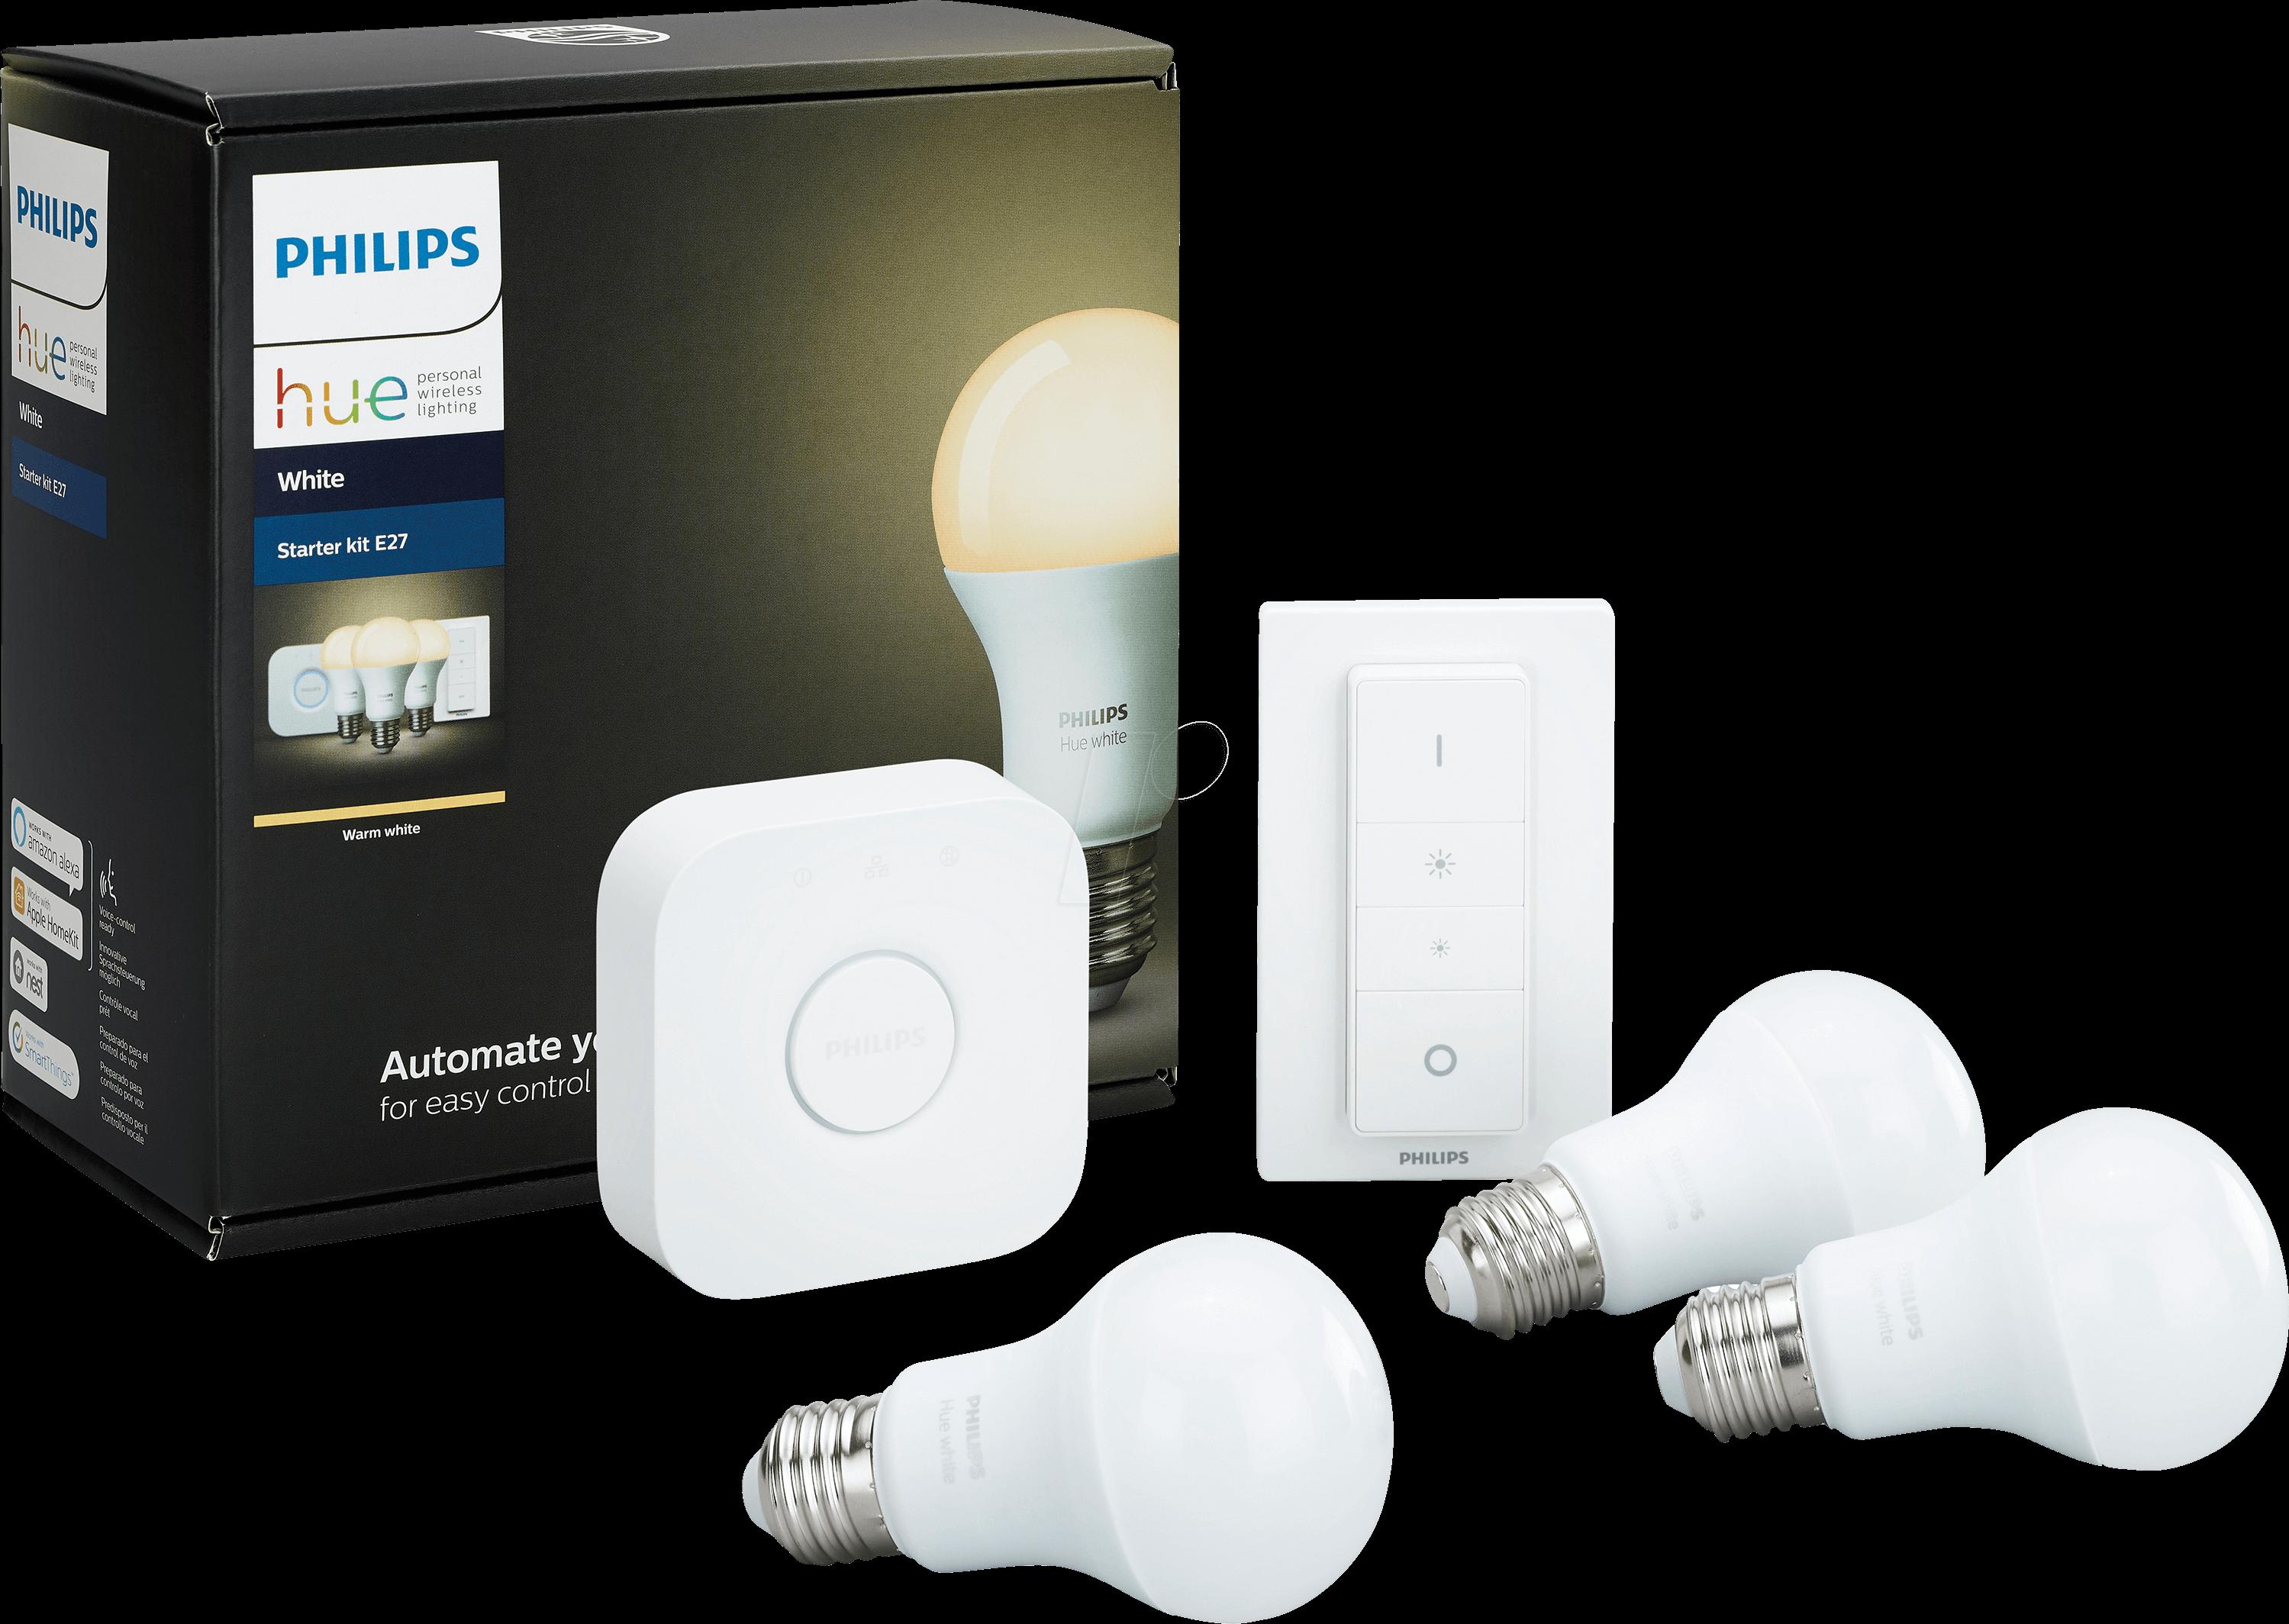 PHI 696728987 - Smart Light, Hue White Starter-Kit, E27, EEC A+